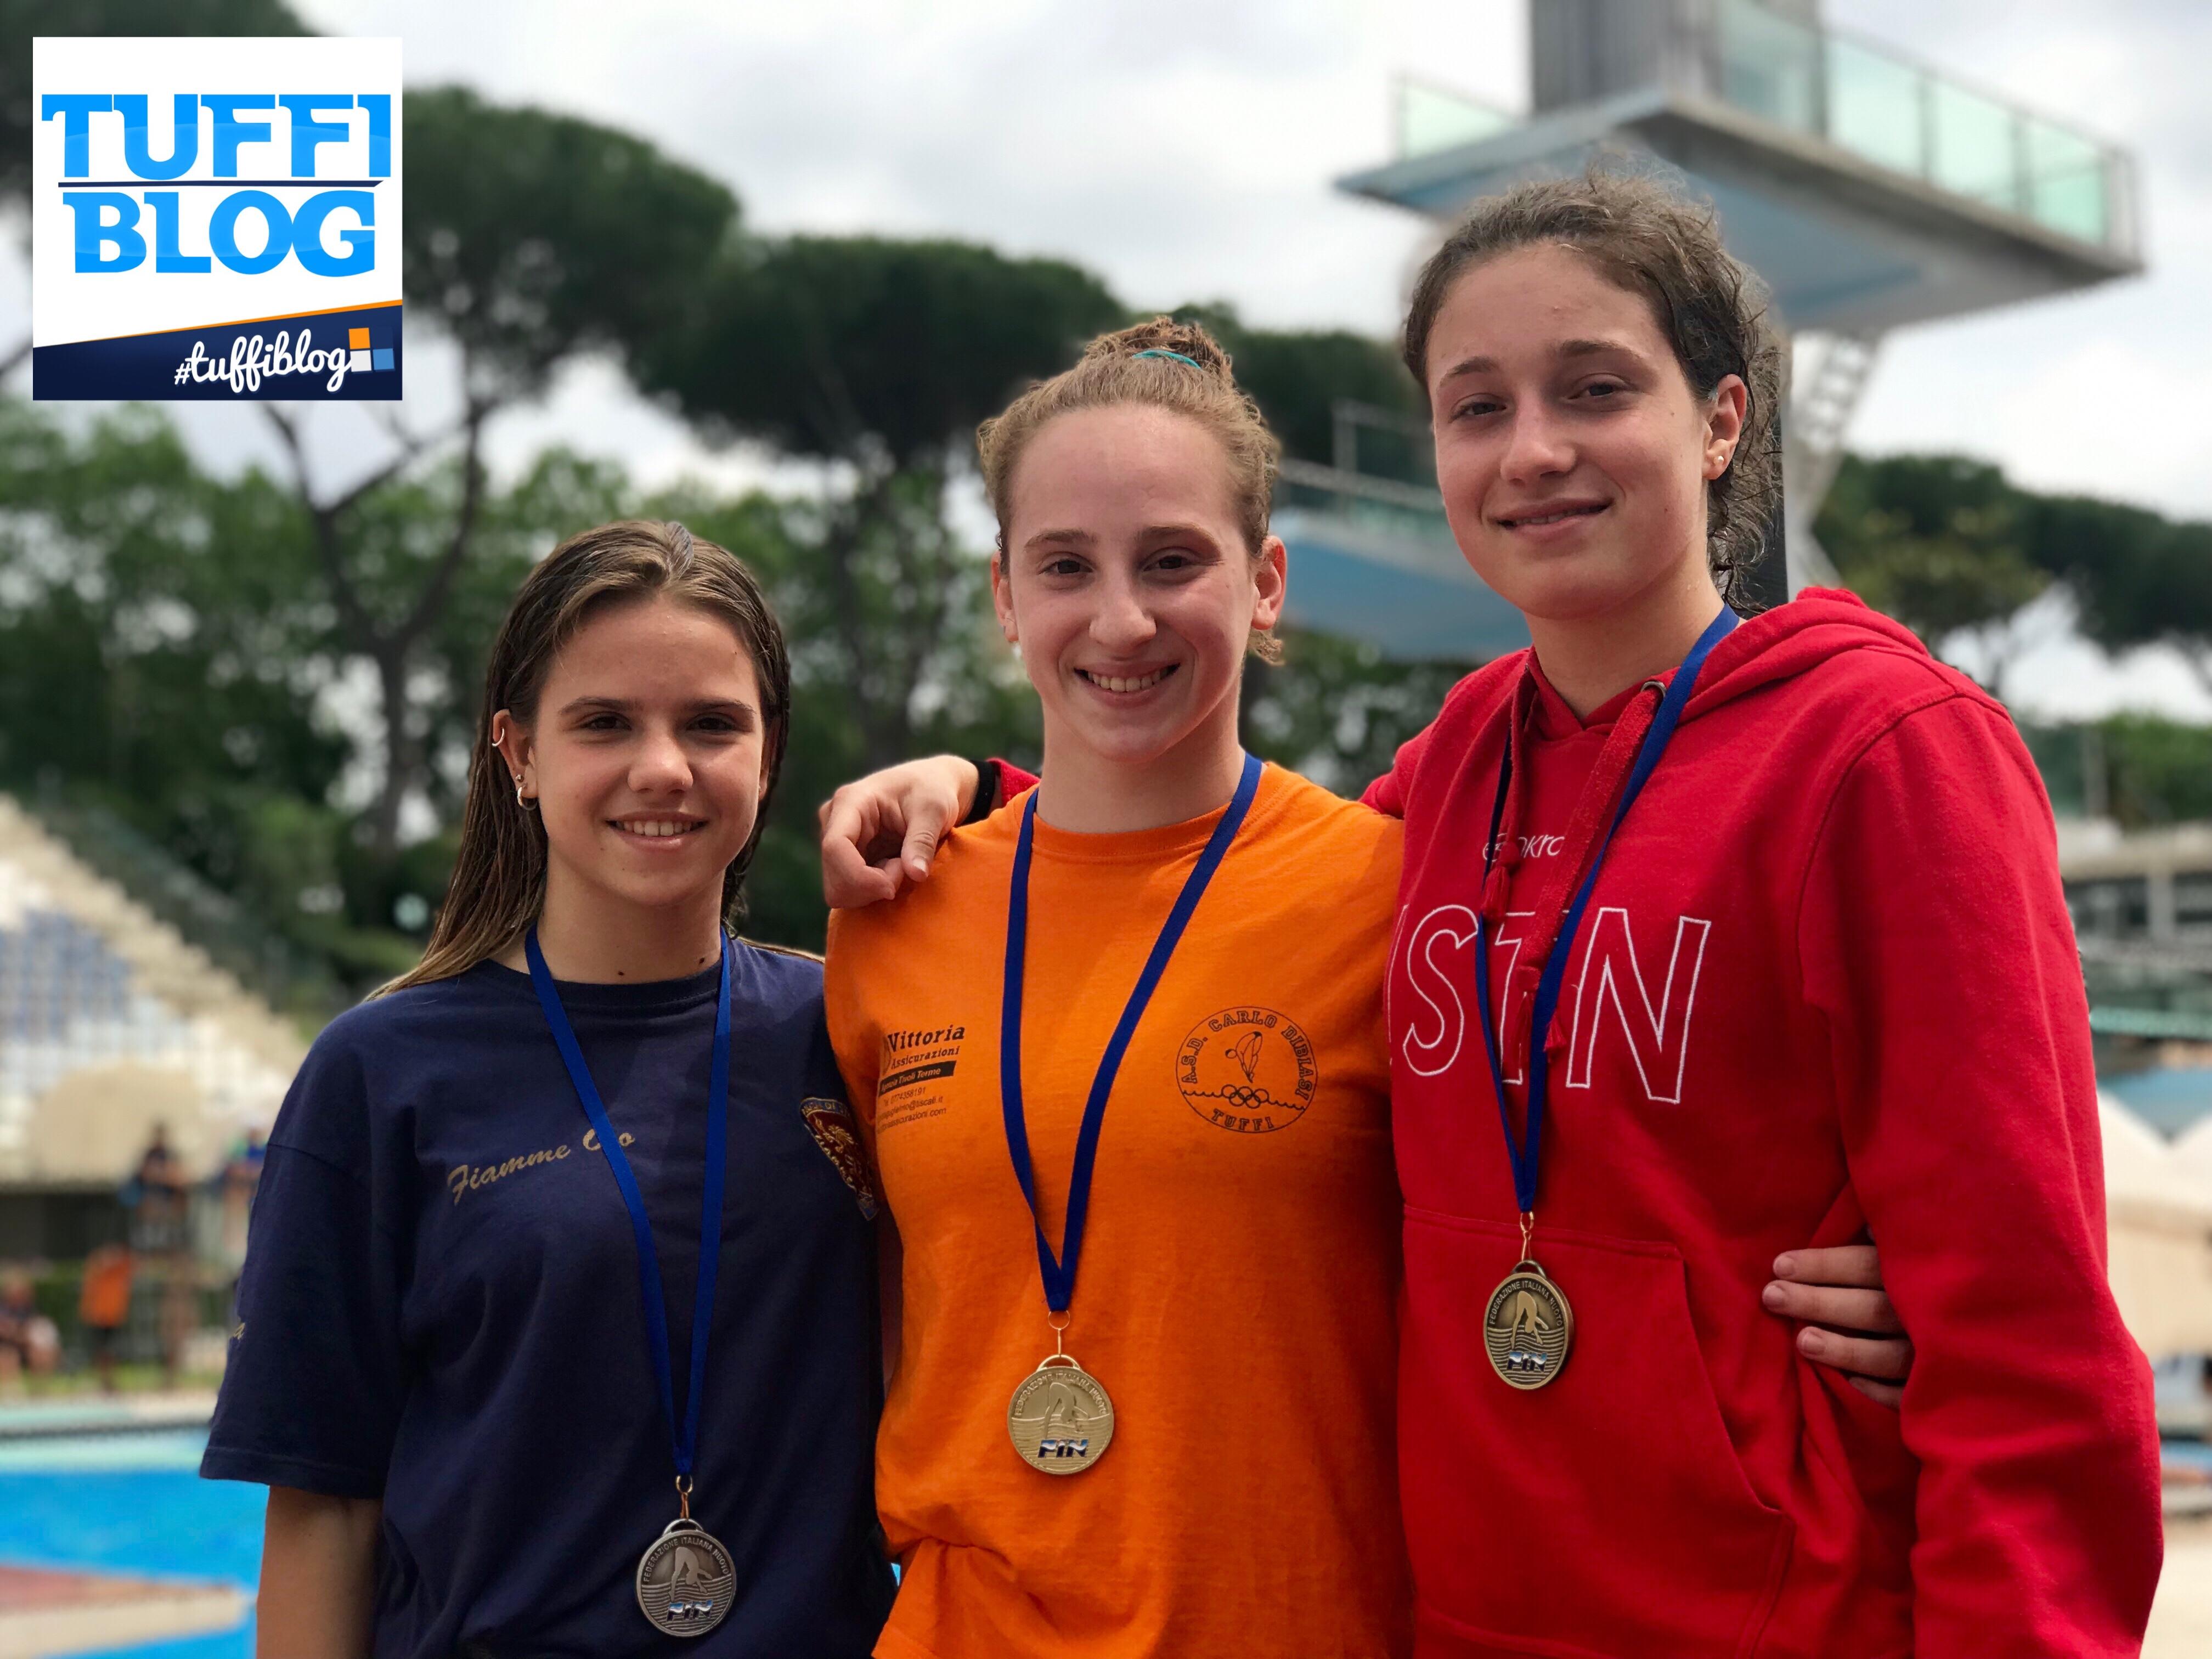 Atleti Azzurri: Roma - Si chiude con Neroni, Volpe e Vittorioso